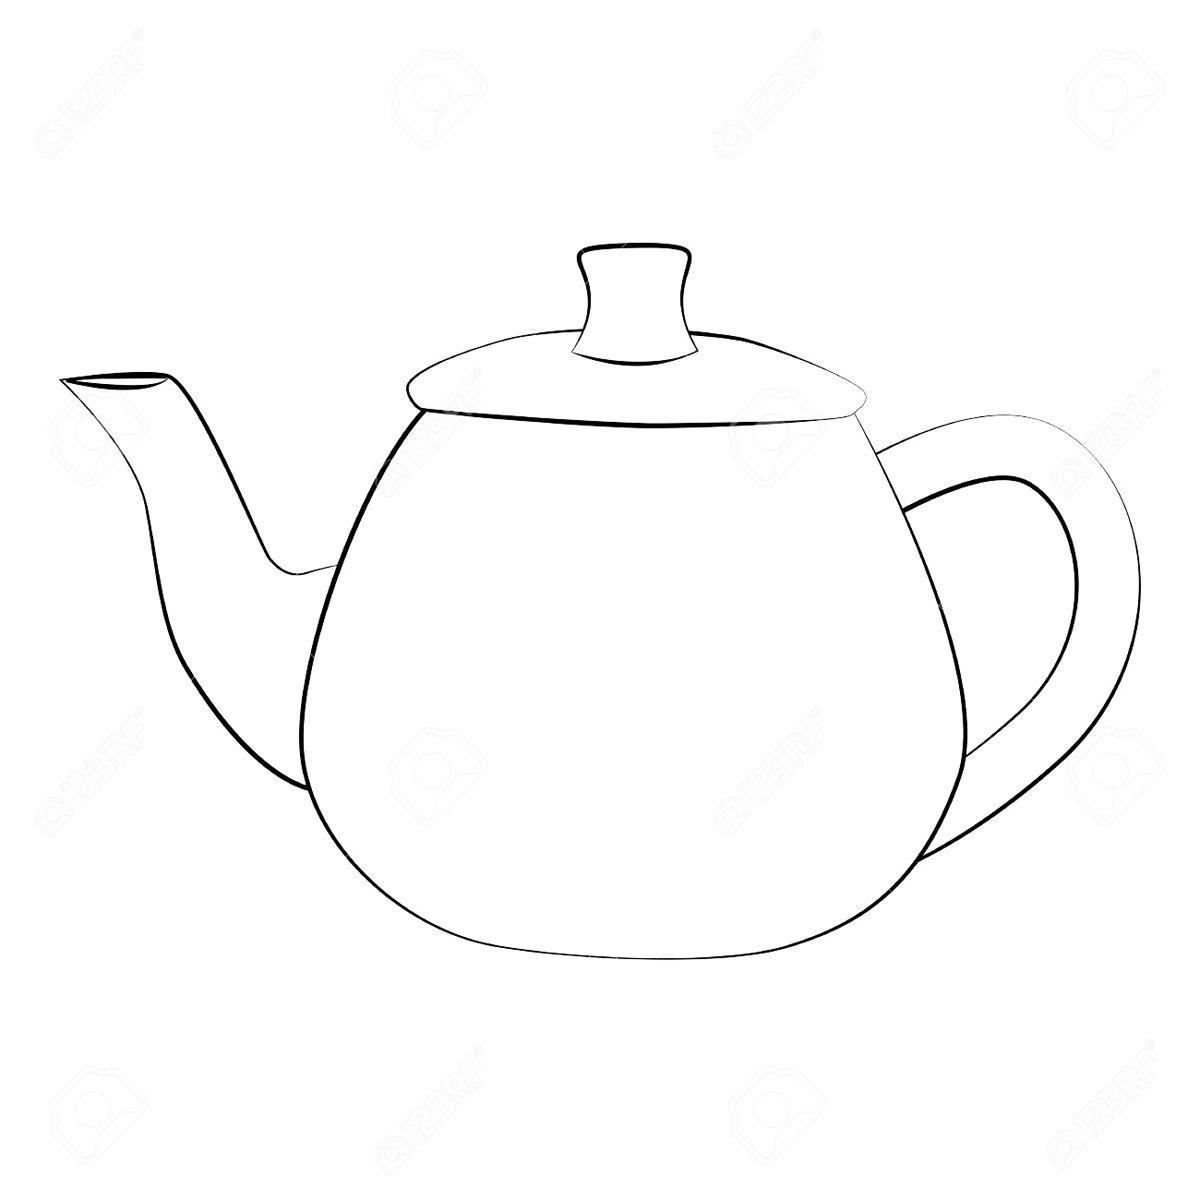 раскраска чайник для детей Zaikinmir Ru Moldes Dibujo